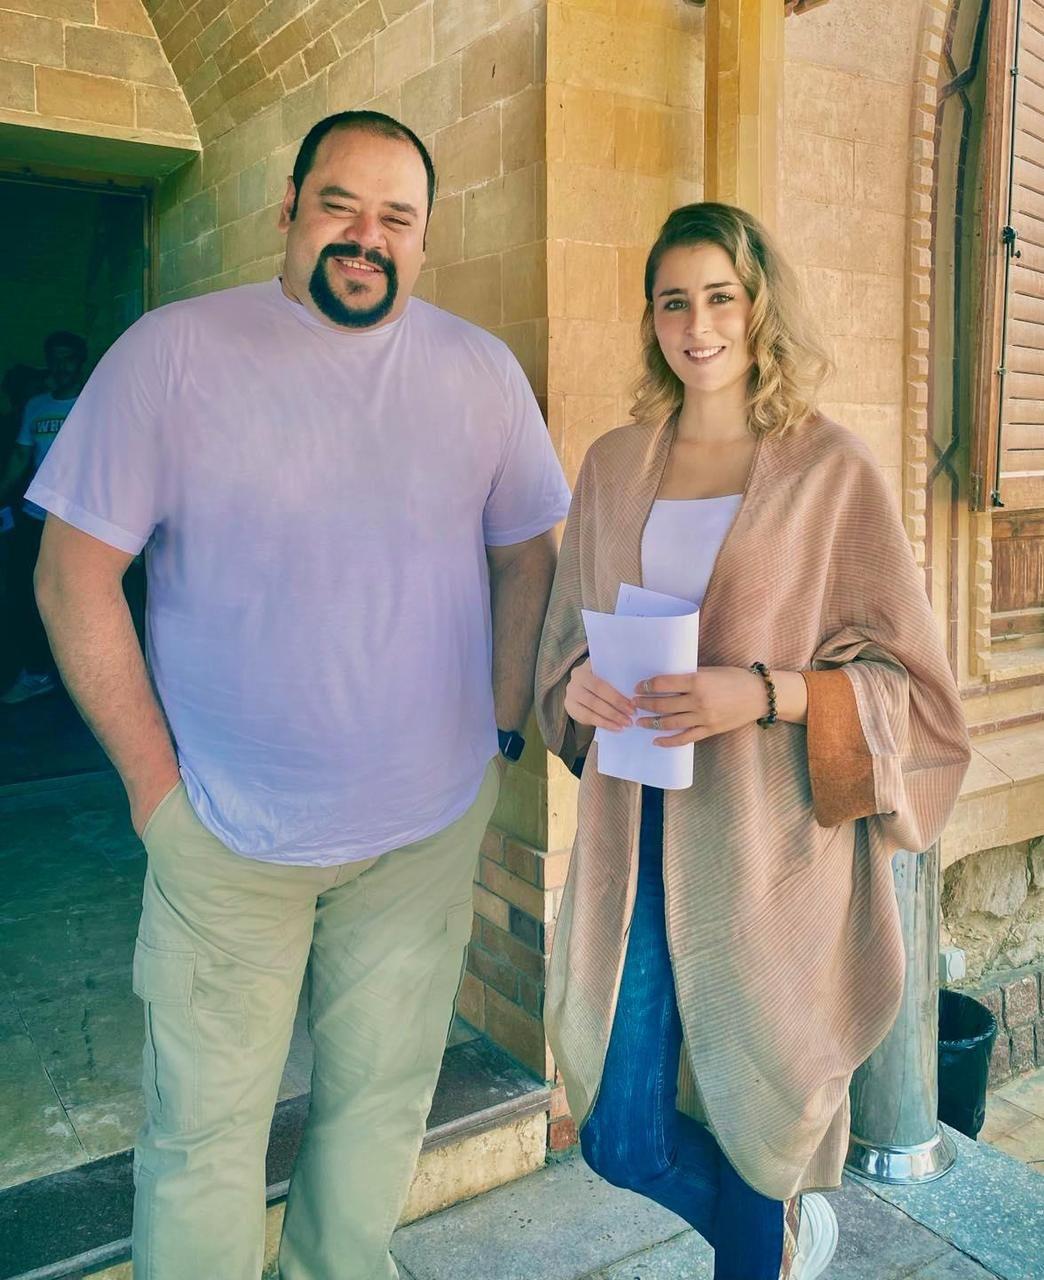 عائشة بن احمد ومحمد ممدوح من كواليس مسلسل لعبة نيوتن